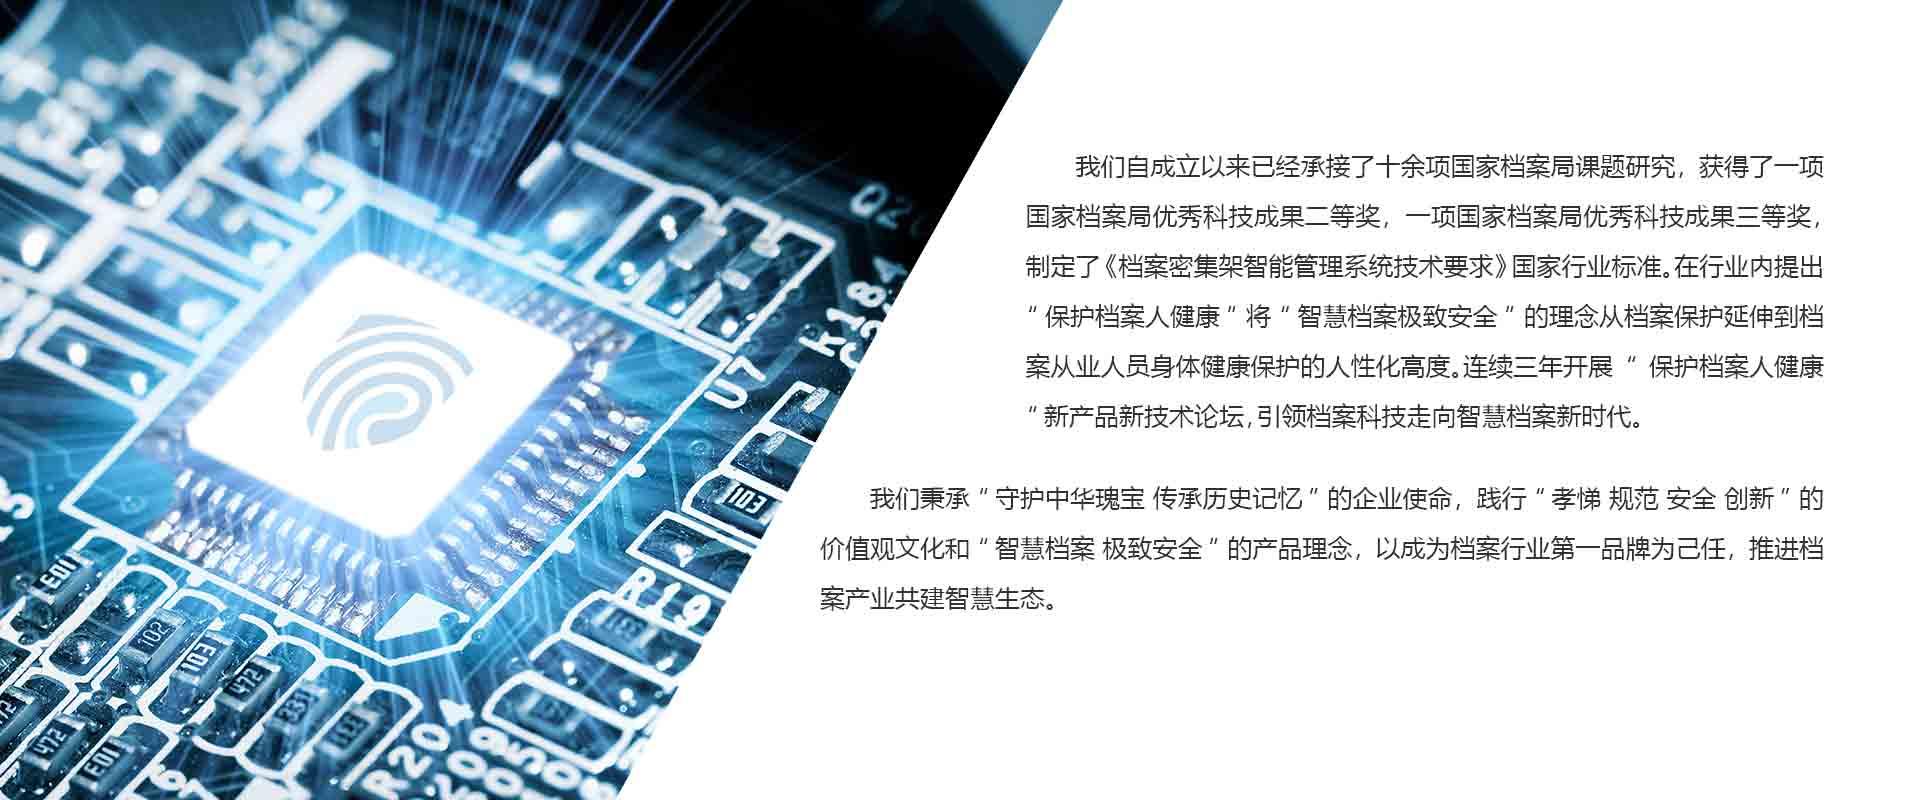 企業文化_03.jpg